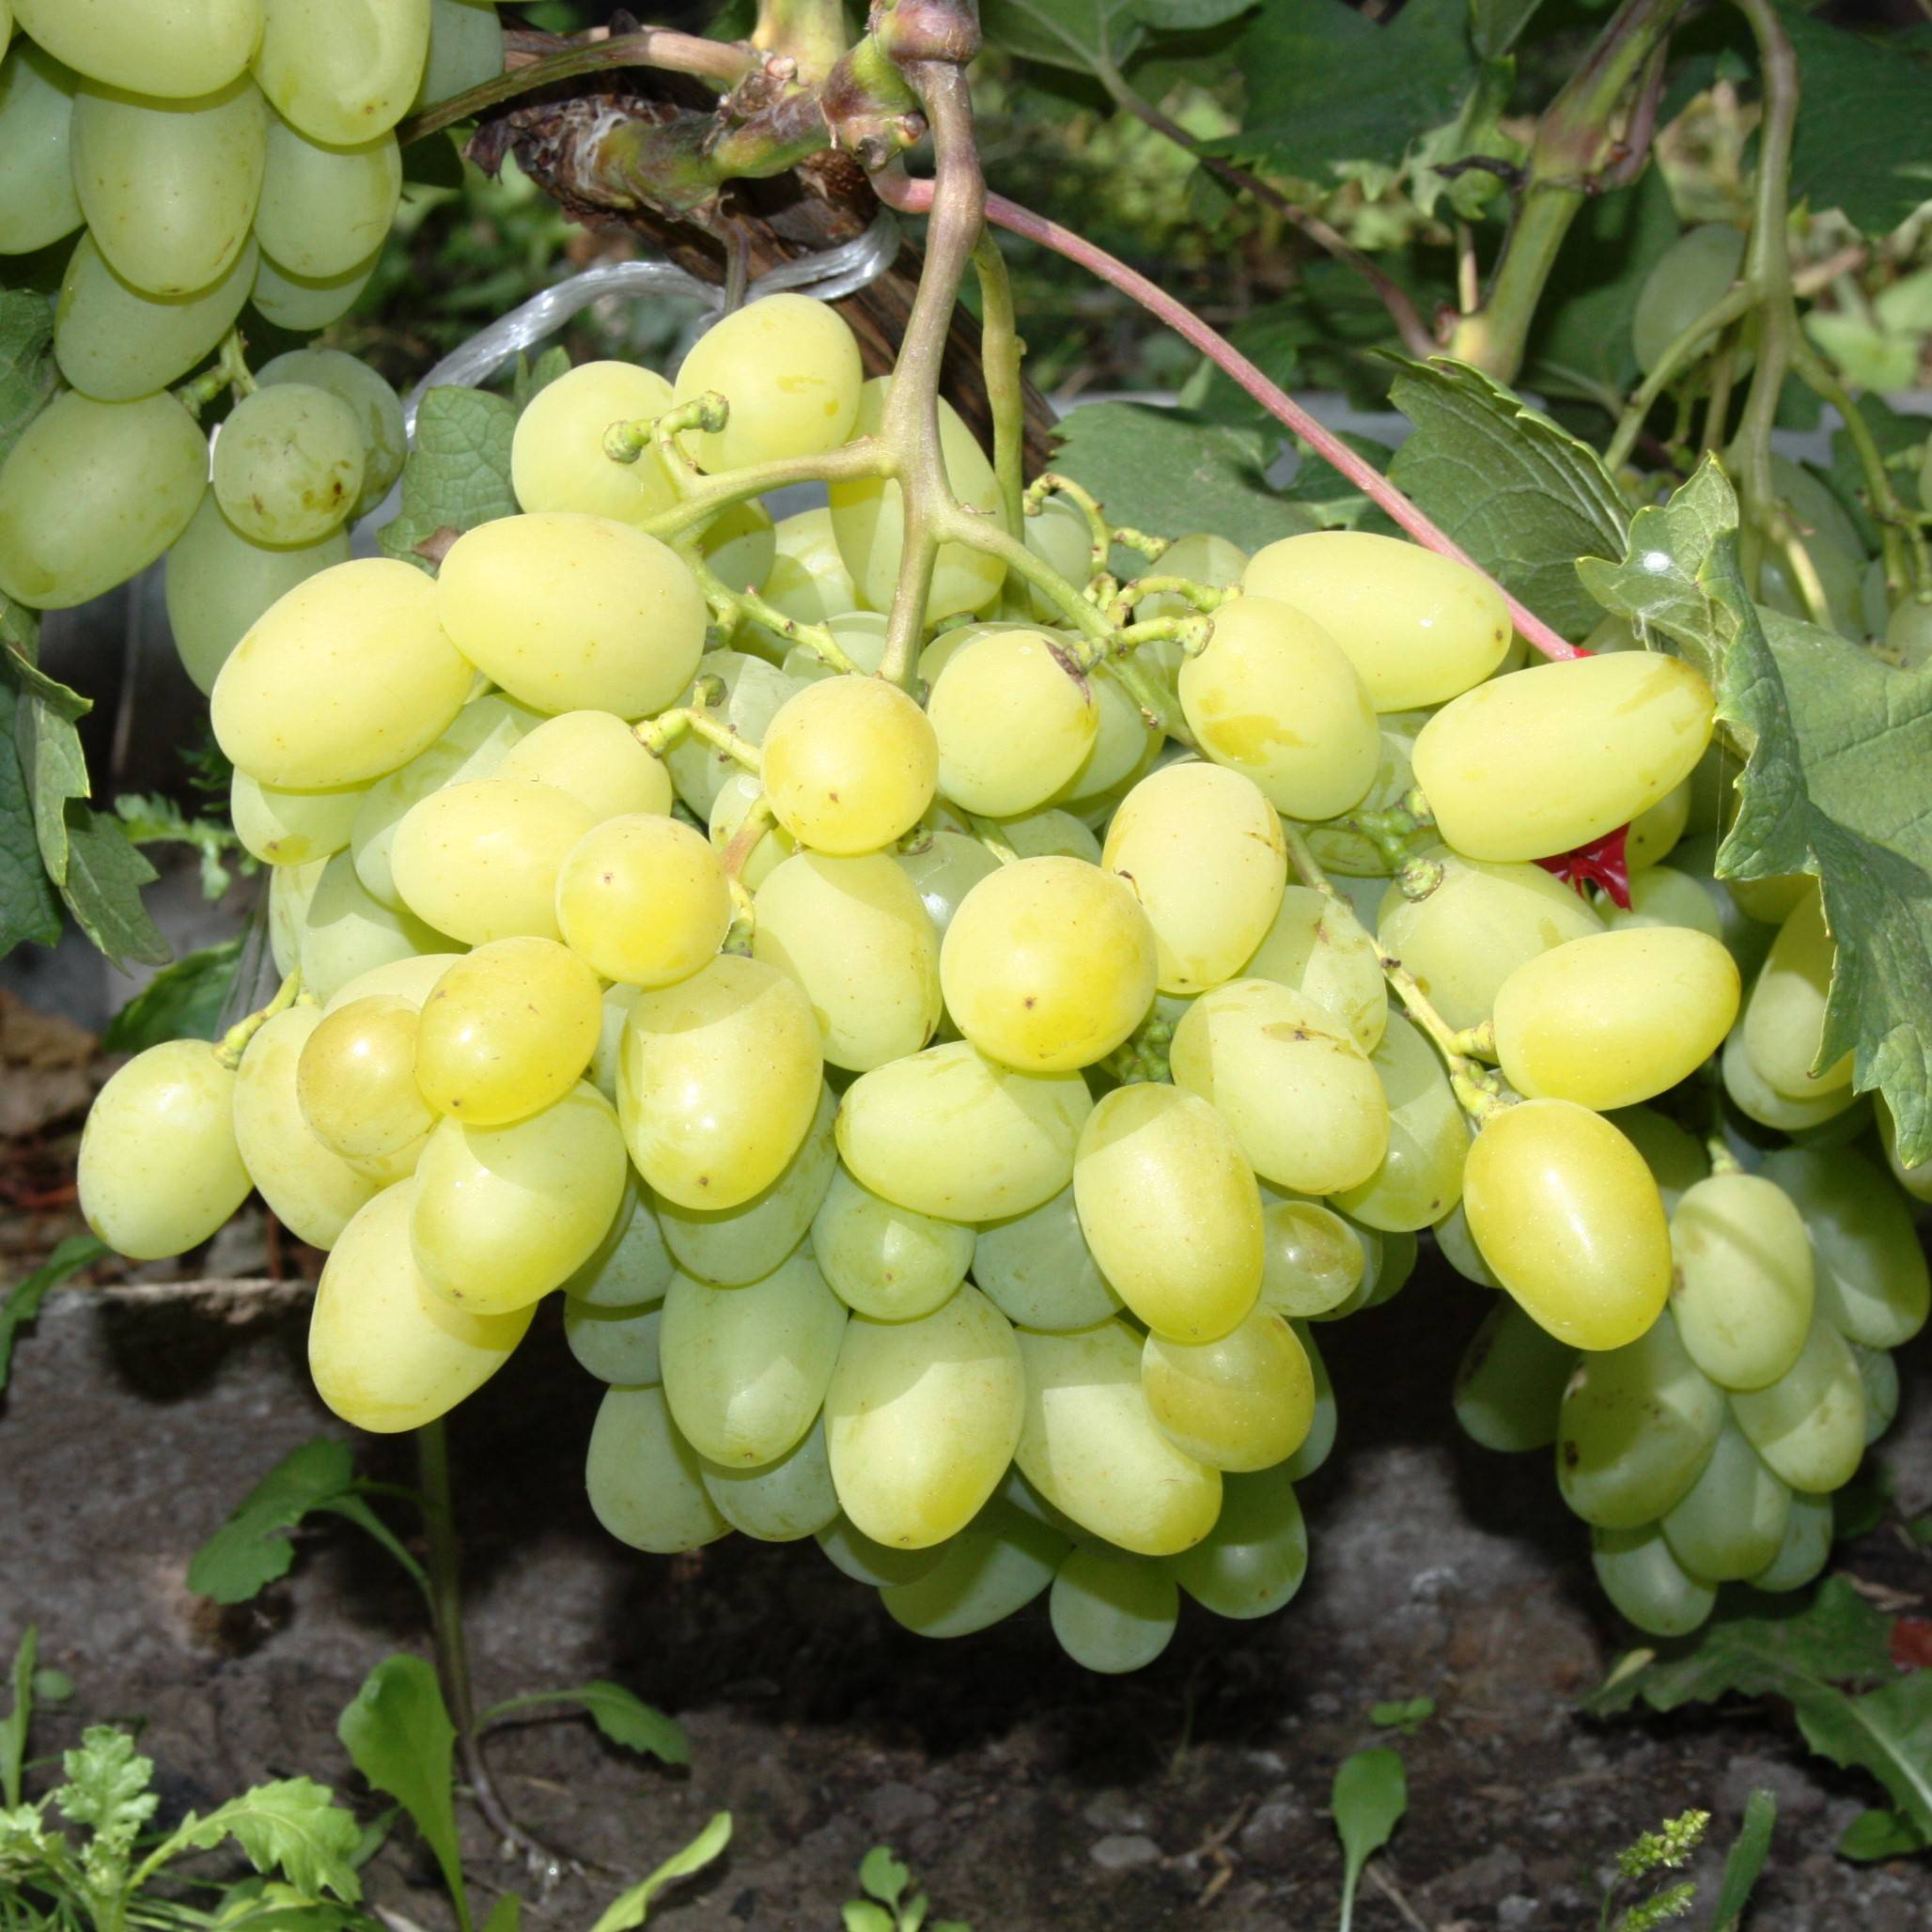 Описание и характеристики винограда сорта галахад, достоинства и недостатки - всё про сады